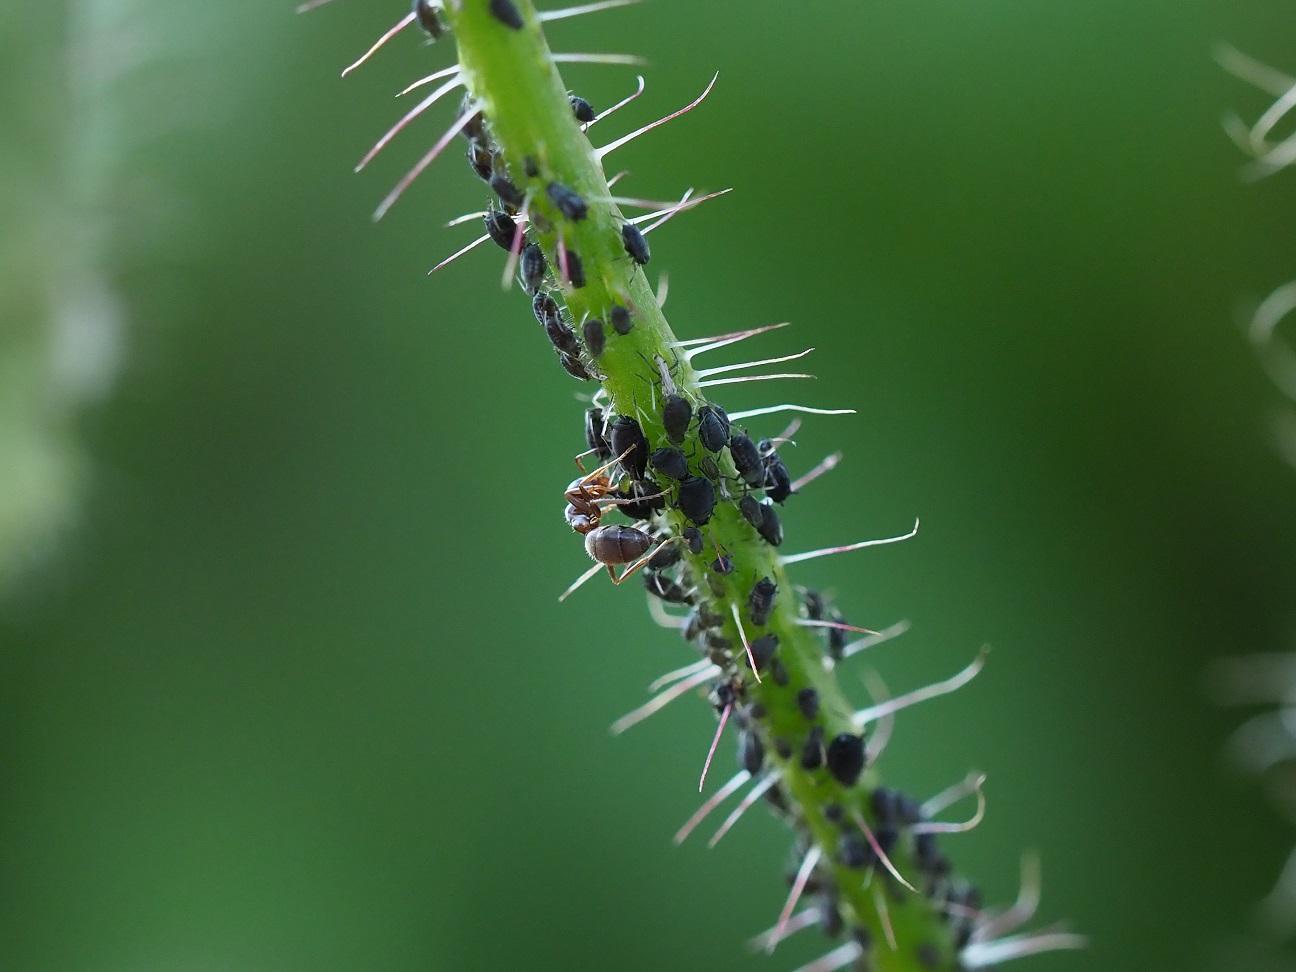 Een mier tussen de bladluizen (eigen foto)